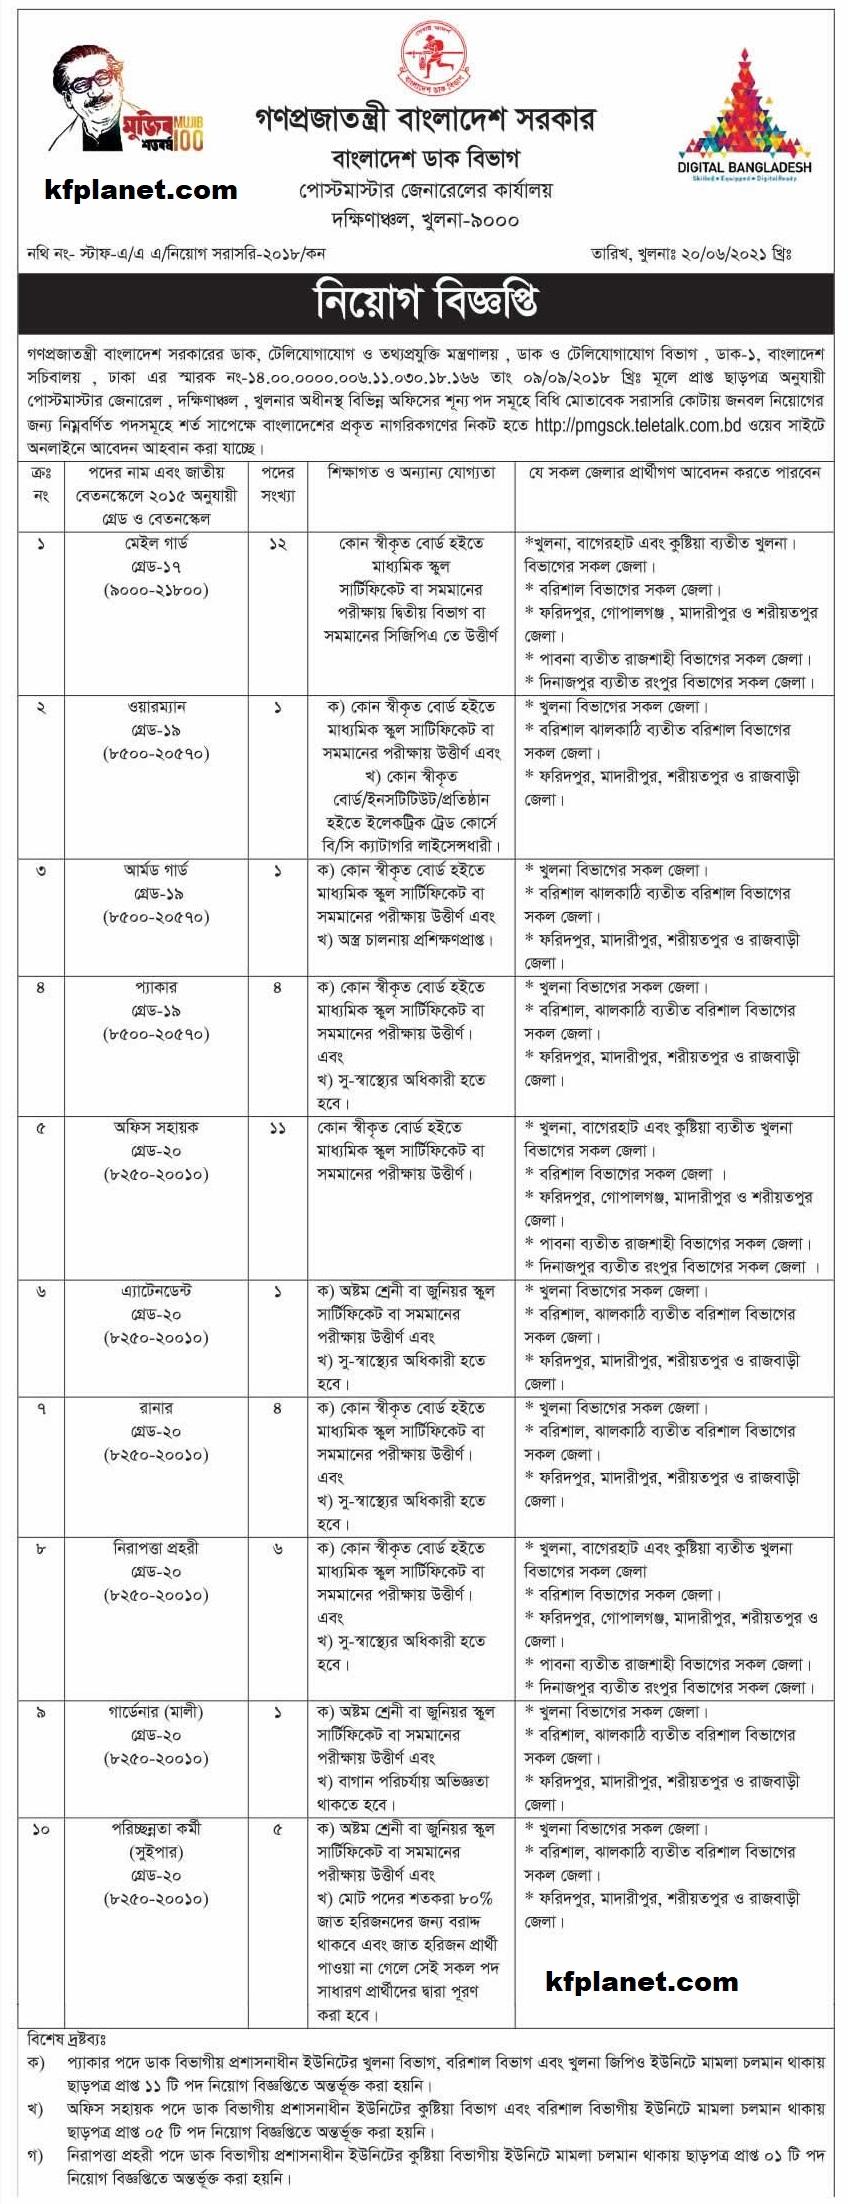 পোস্টমাস্টার জেনারেল এর কার্যালয় খুলনা নিয়োগ ২০২১ - Postmaster General's Office Khulna Job Circular 2021 - Dak bivag noyog biggpti 2021